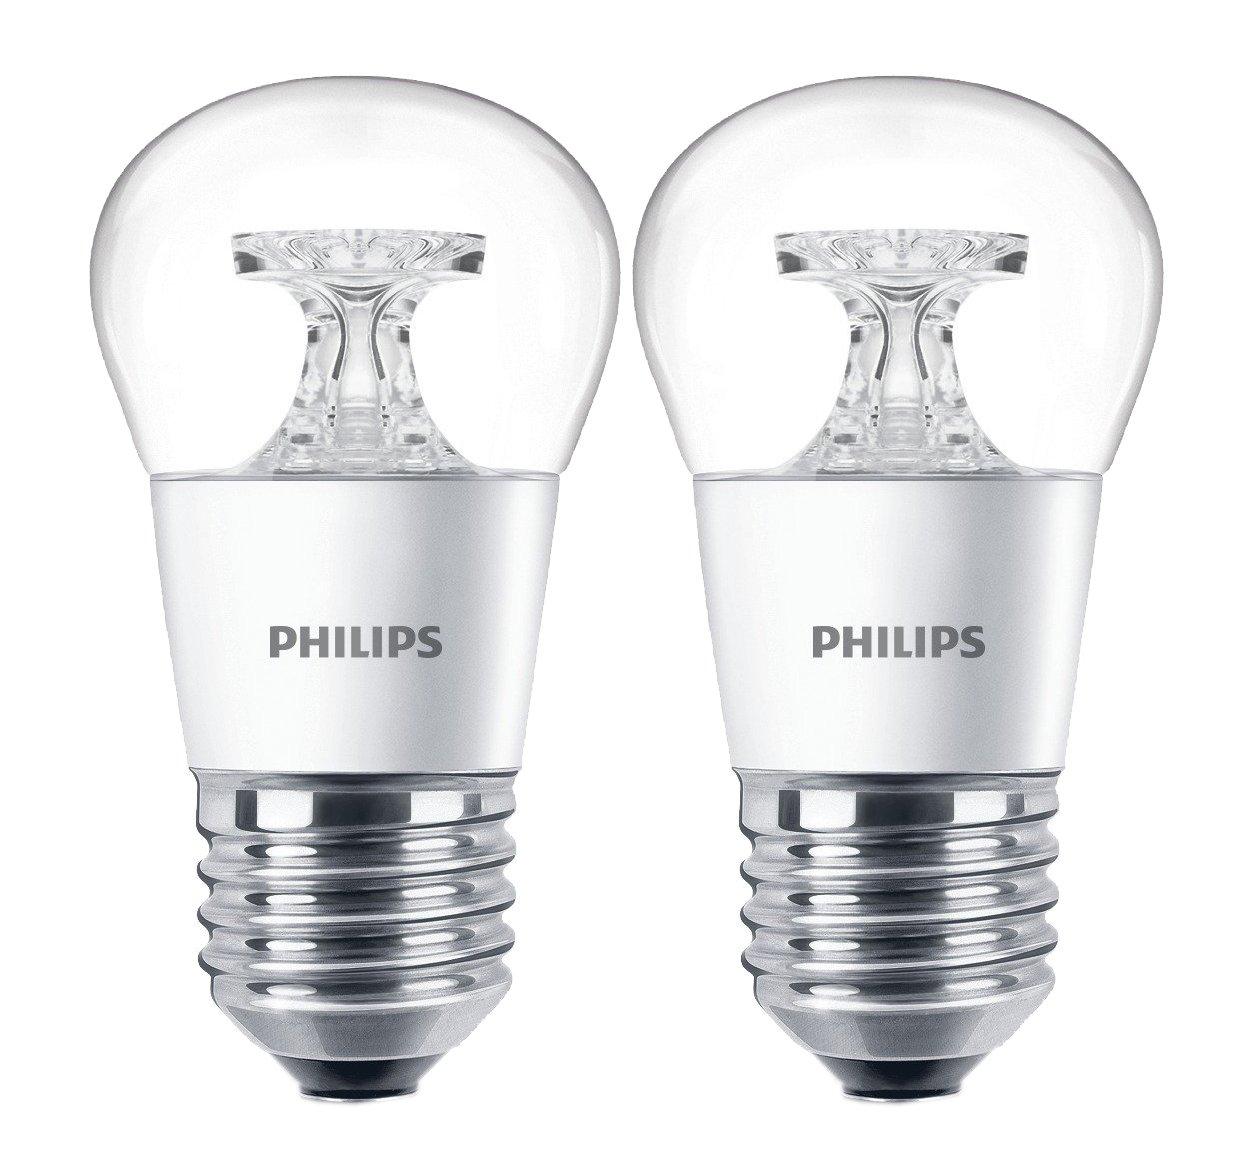 2 x Philips LED Lampe 4W ersetzt 25W, EEK A+, E27, warmweiß (2700 Kelvin), 250 Lumen, klar, 8718696454756